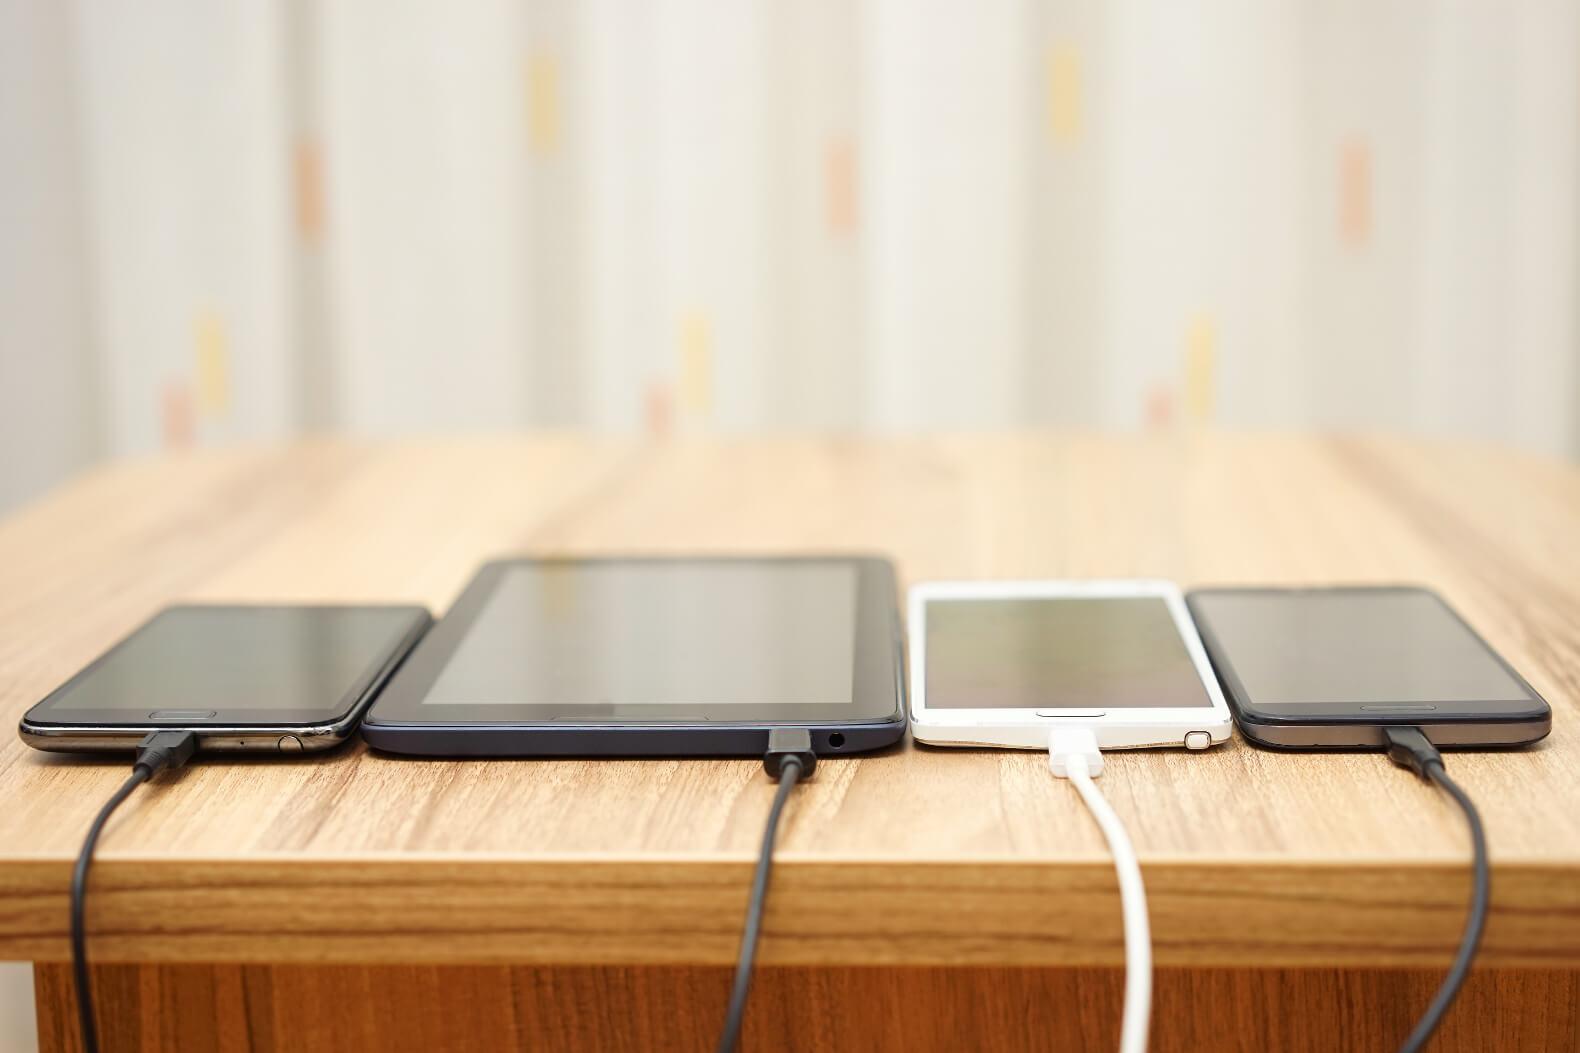 4 Macam Kesalahan Saat Charging Smartphone Yang Sering Dilakukan